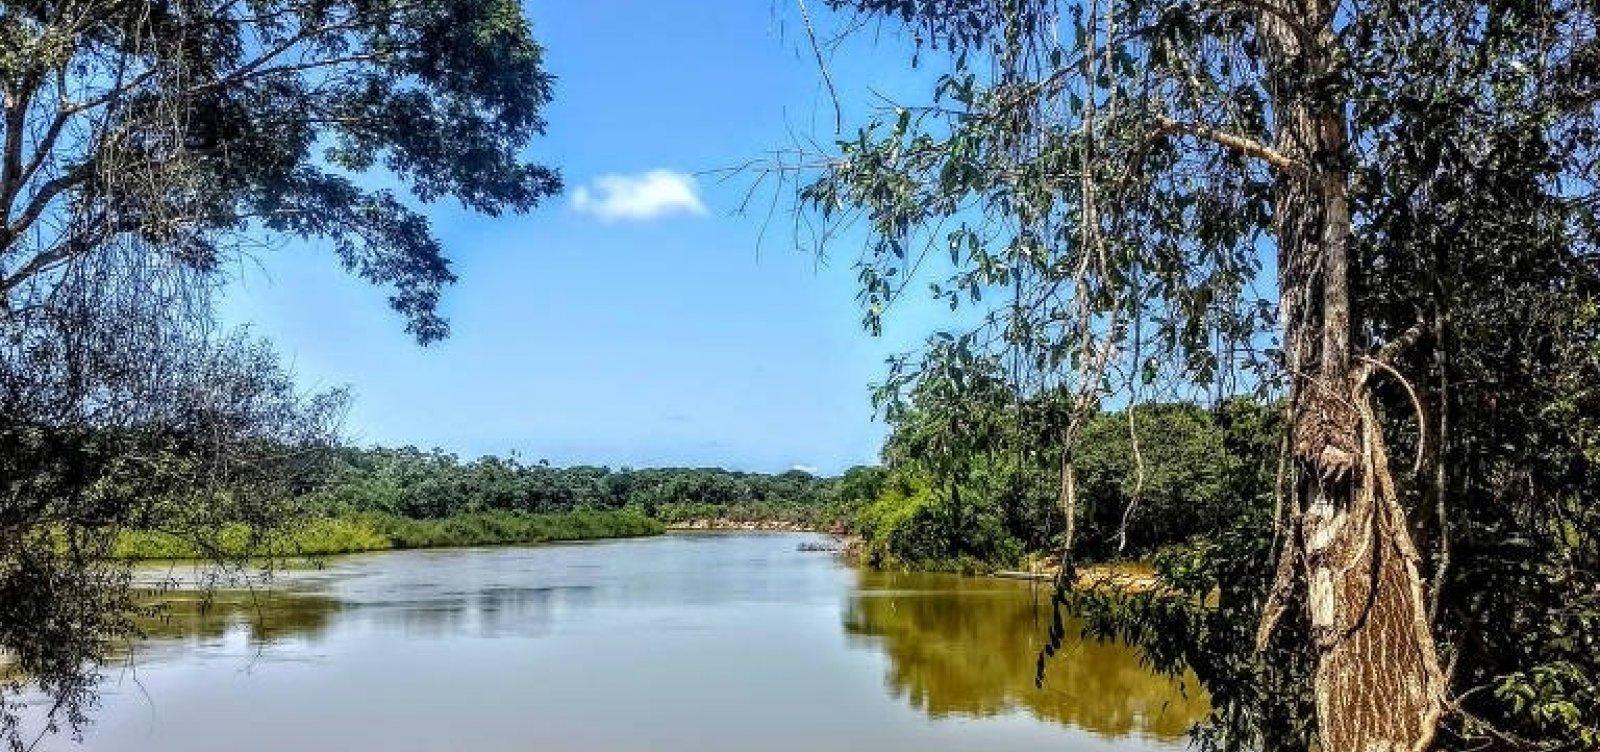 [Associação diz que indígena que apoiou Bolsonaro não representa etnias do Xingu]